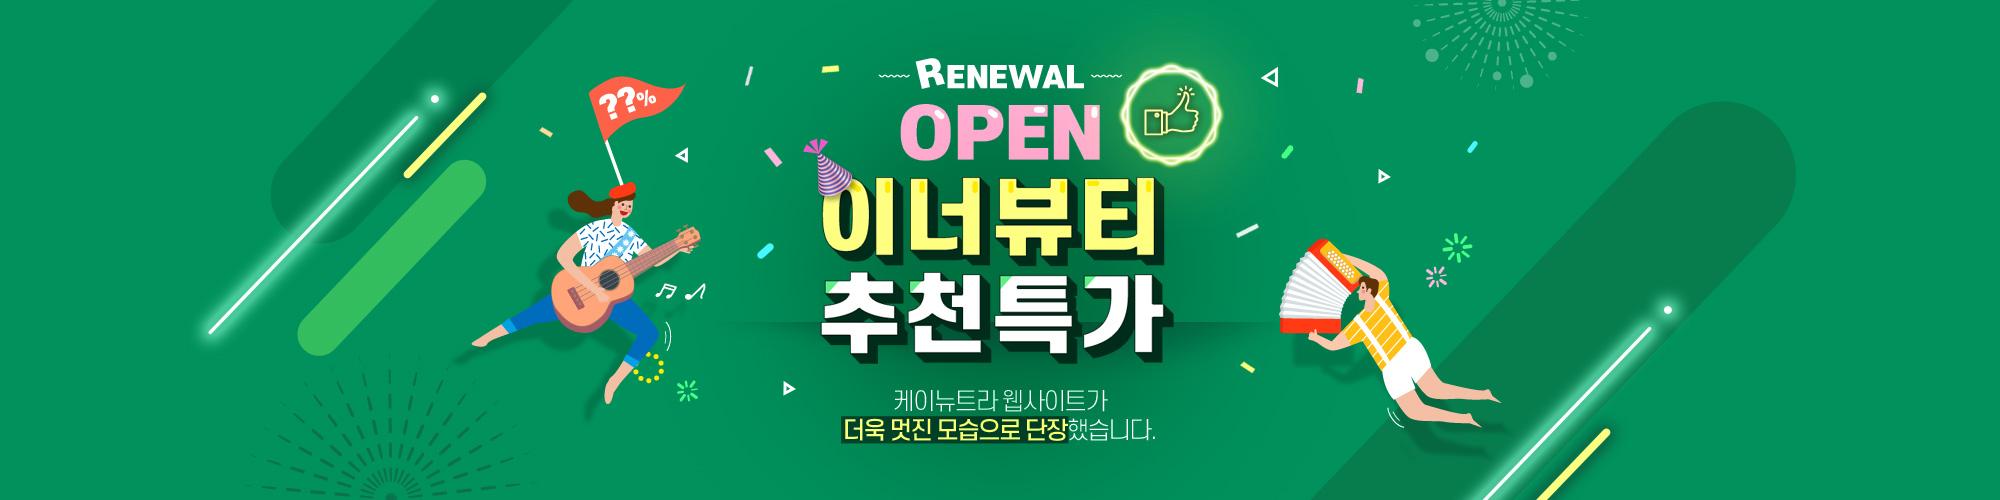 리뉴얼 오픈 프로모션